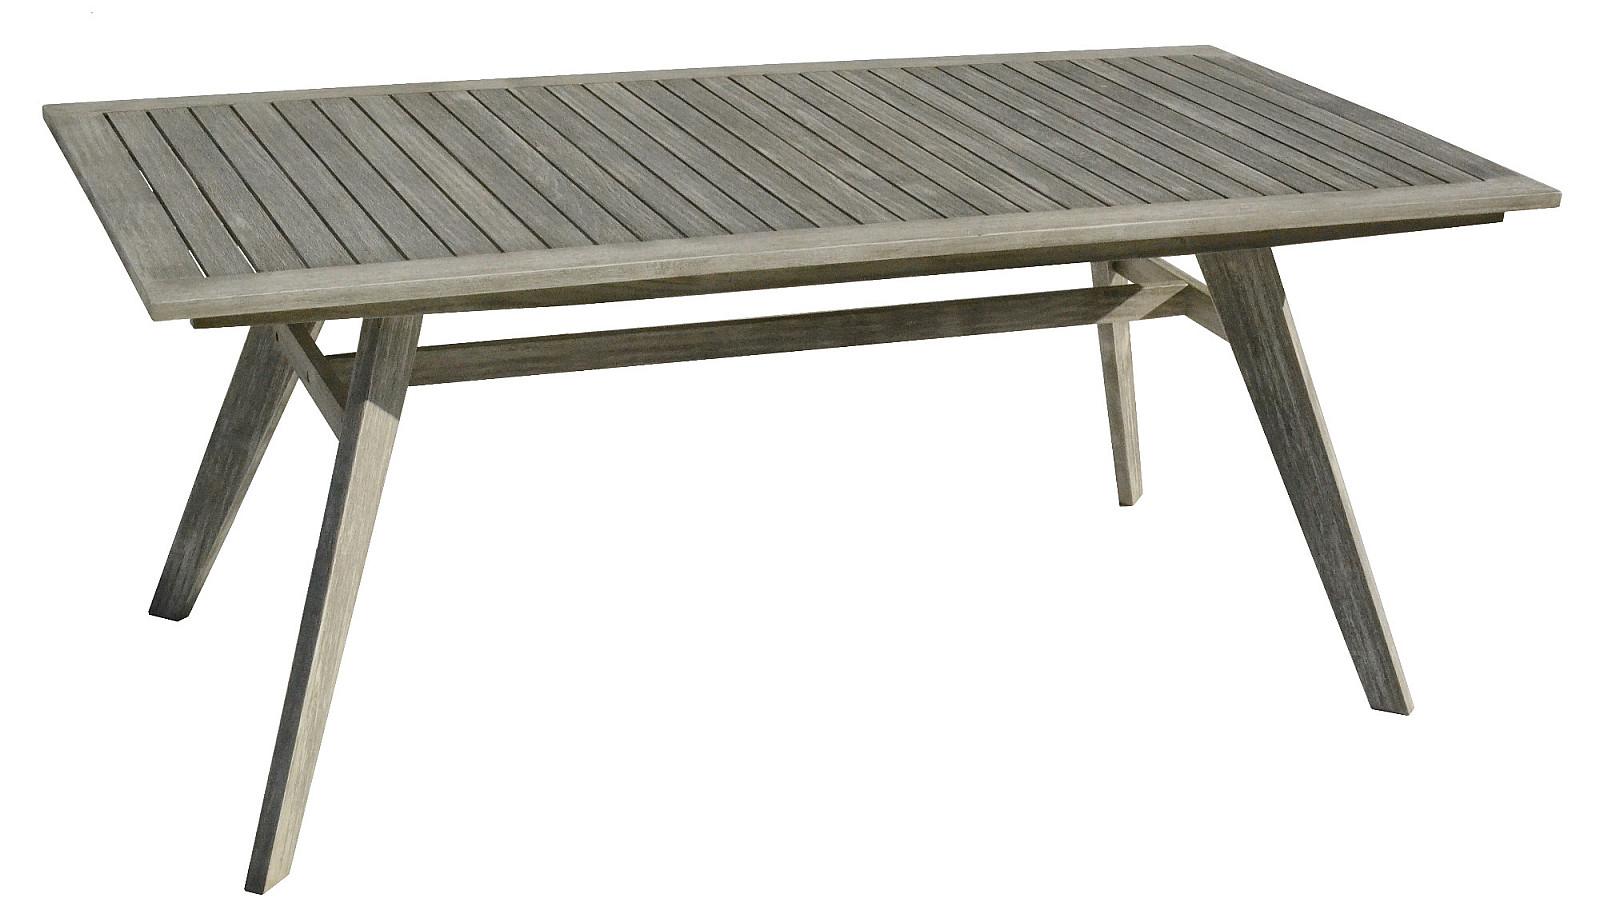 DEOKORK VÝPREDAJ Záhradný stôl pevný MONTANA 180 x 90 cm